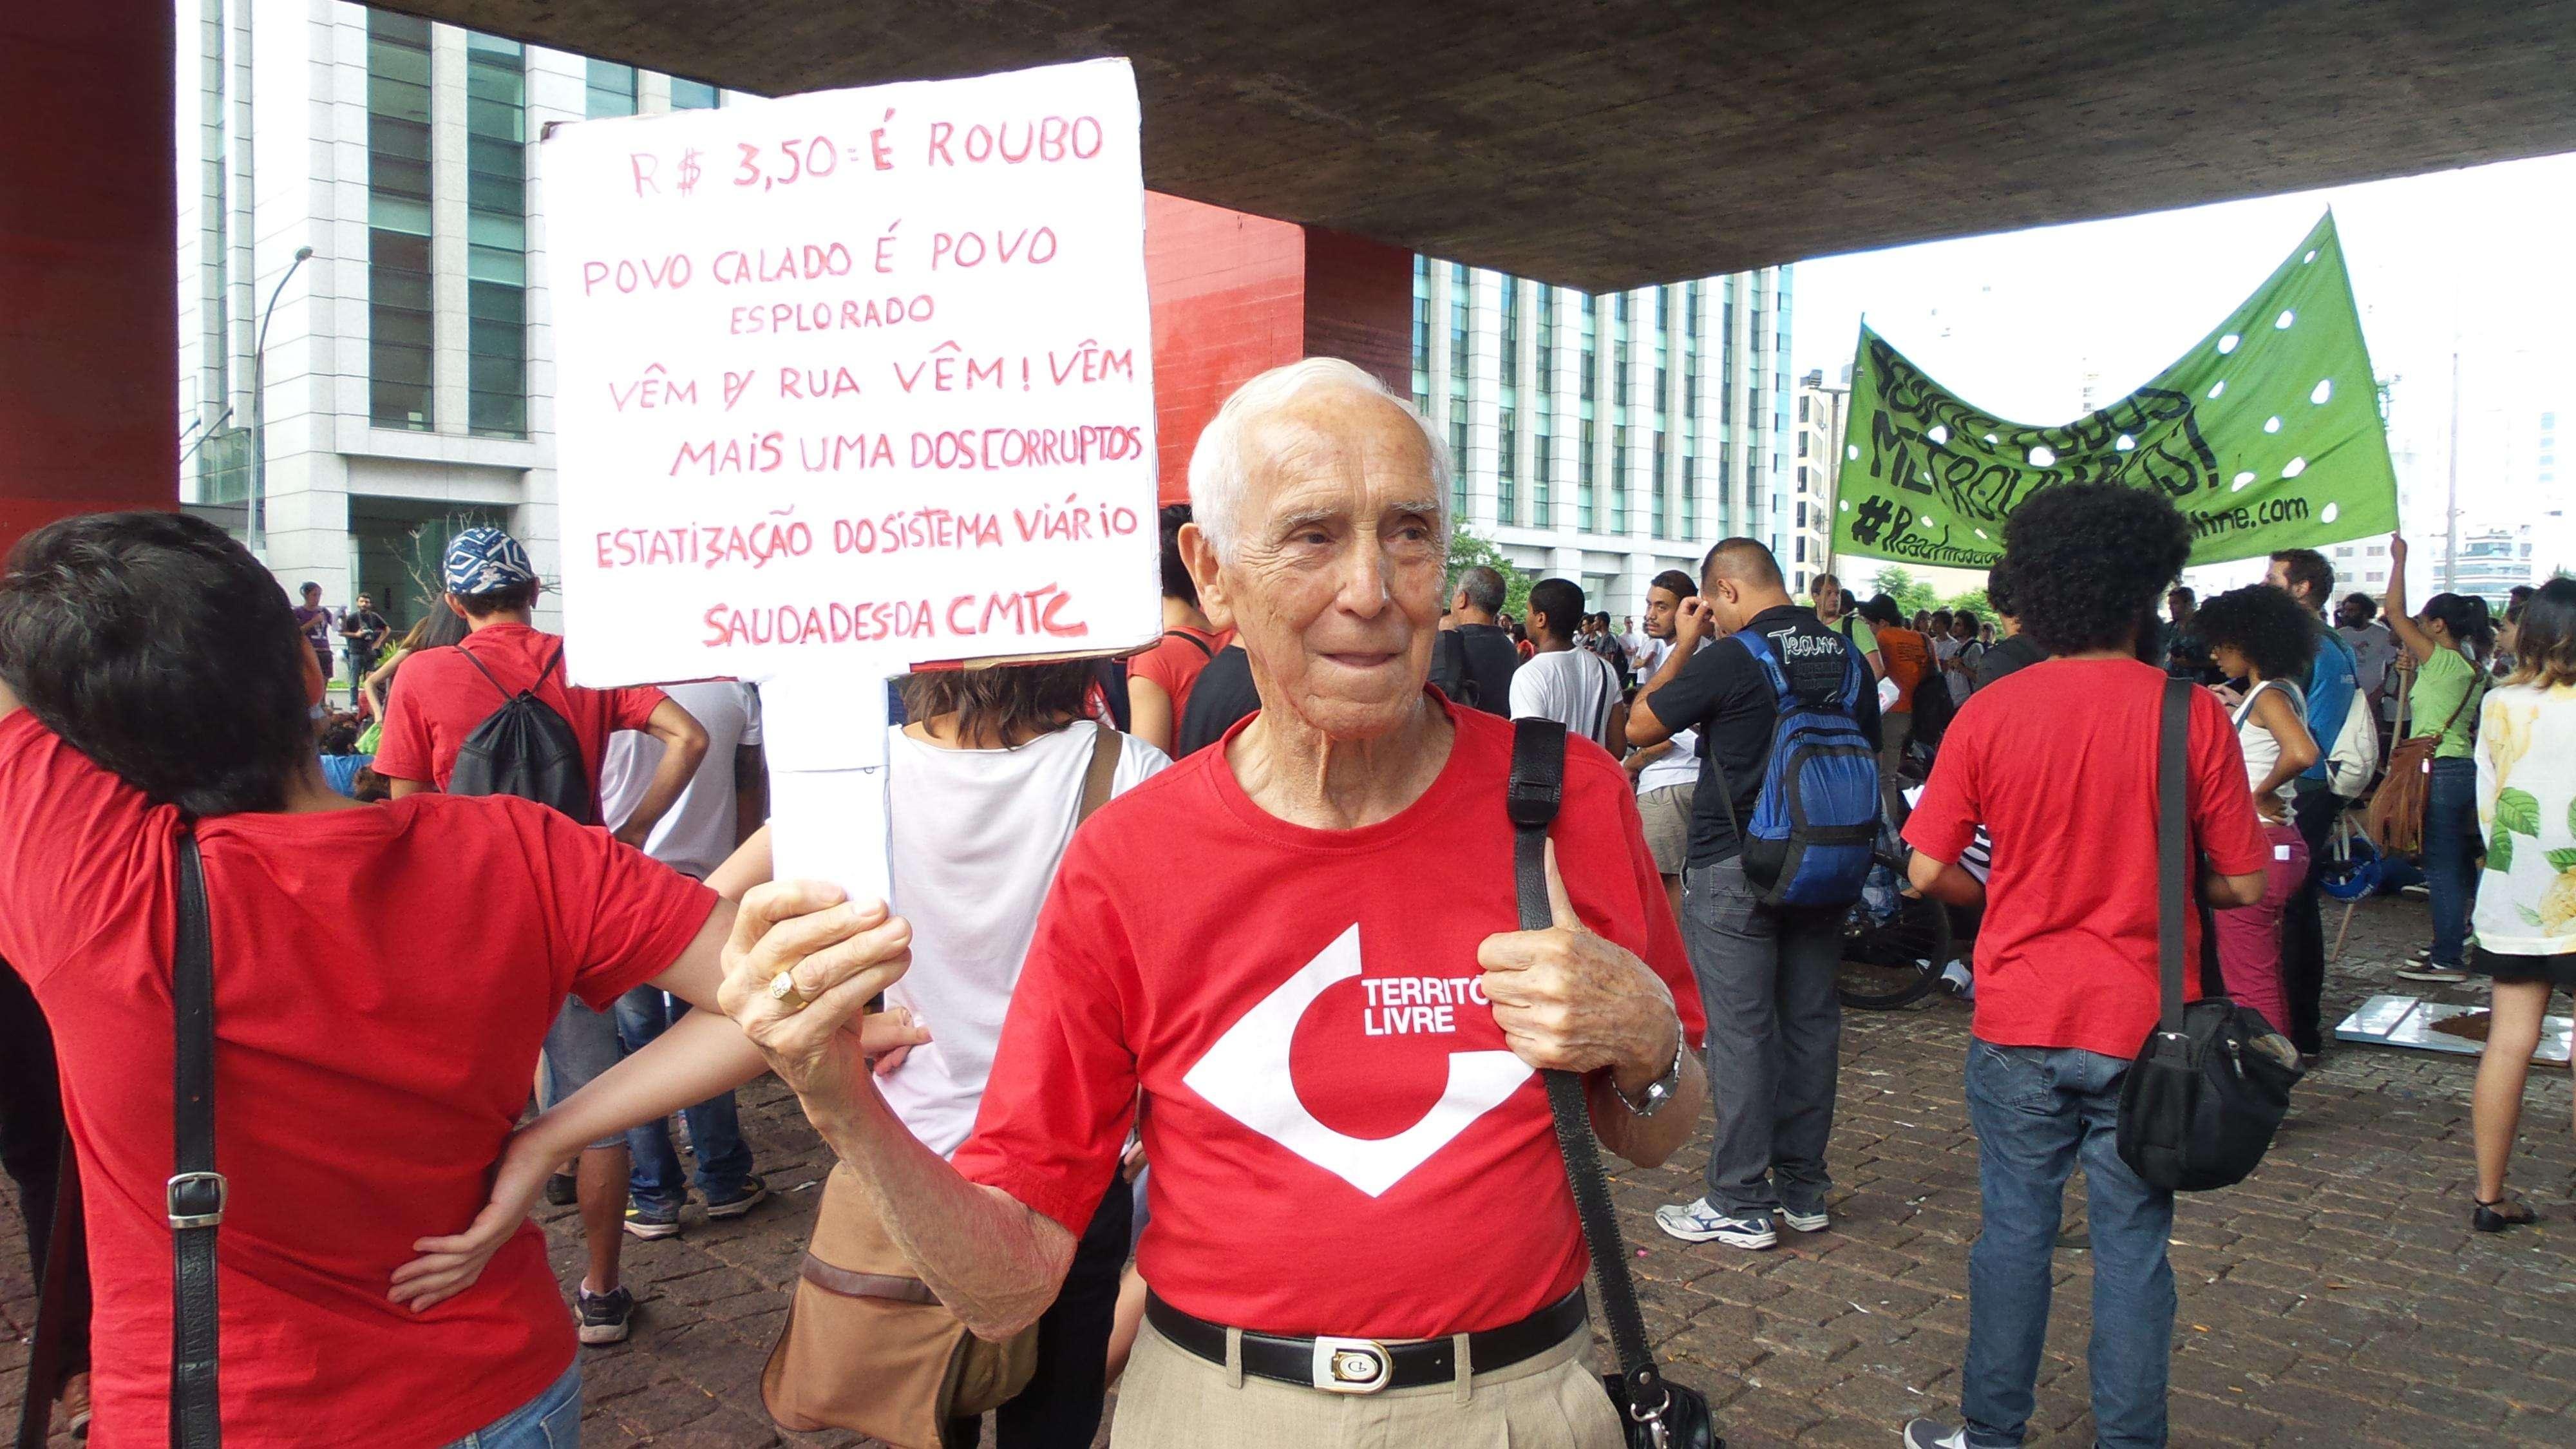 José de Freitas, 87 anos, integrante do movimento Território Livre Foto: Terra